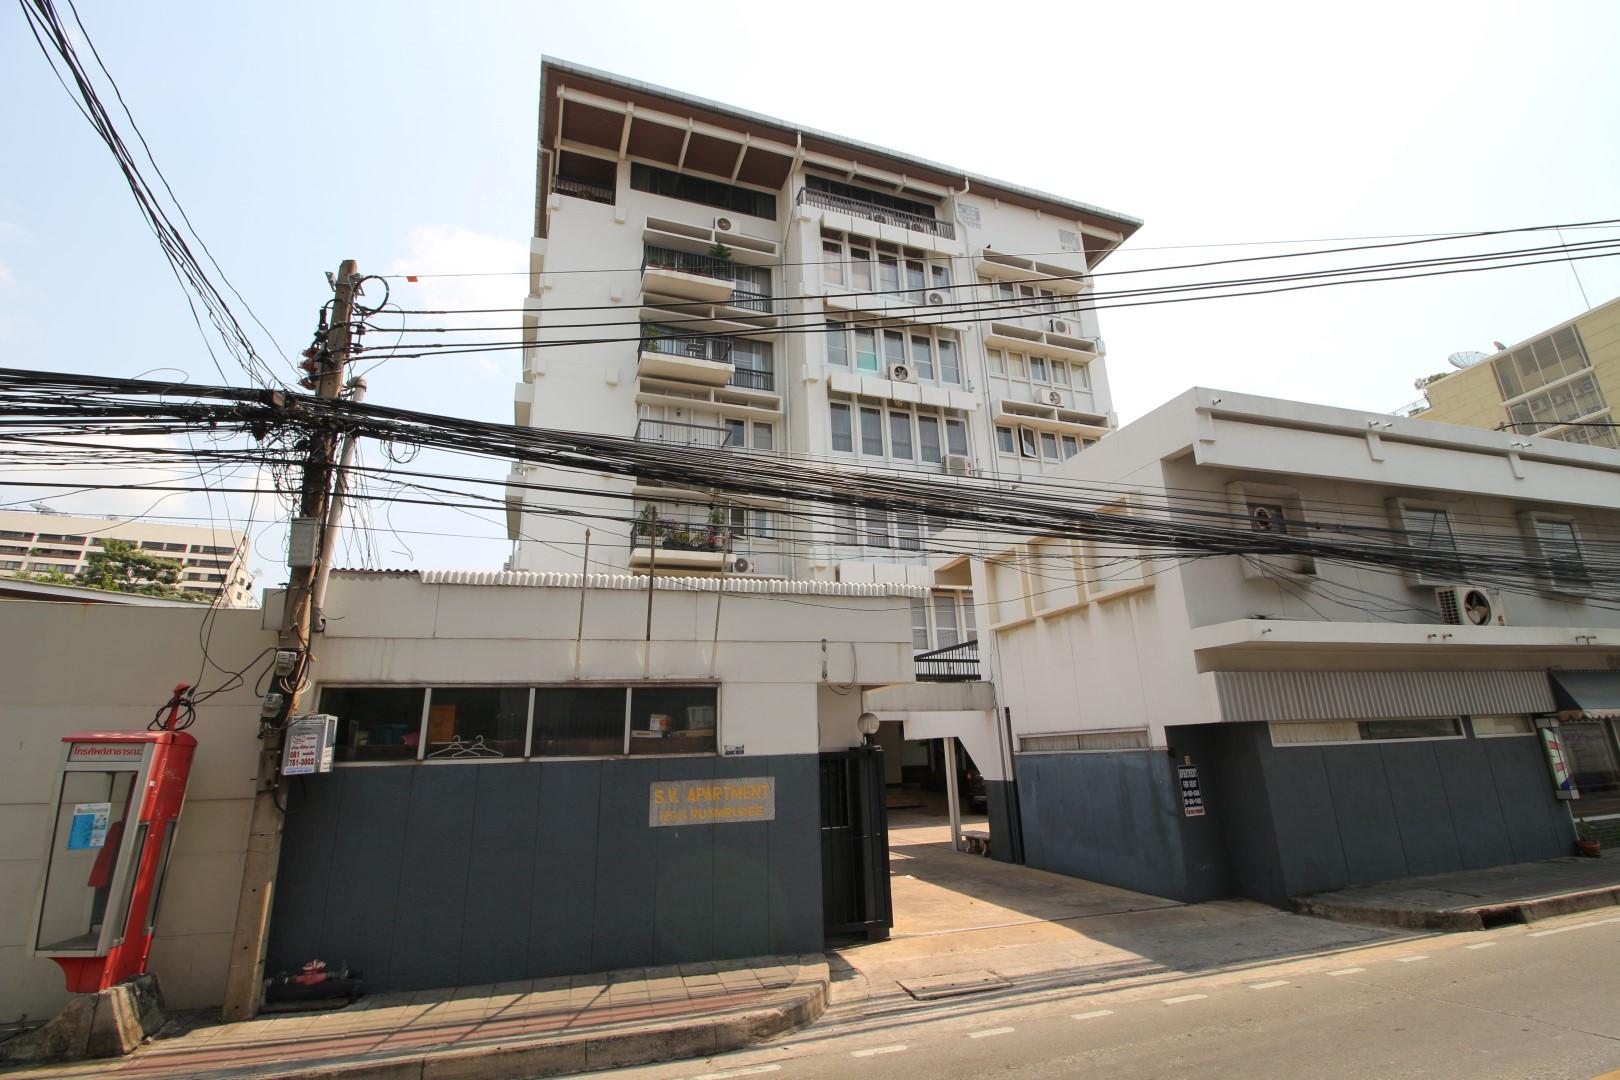 sv apartment facade